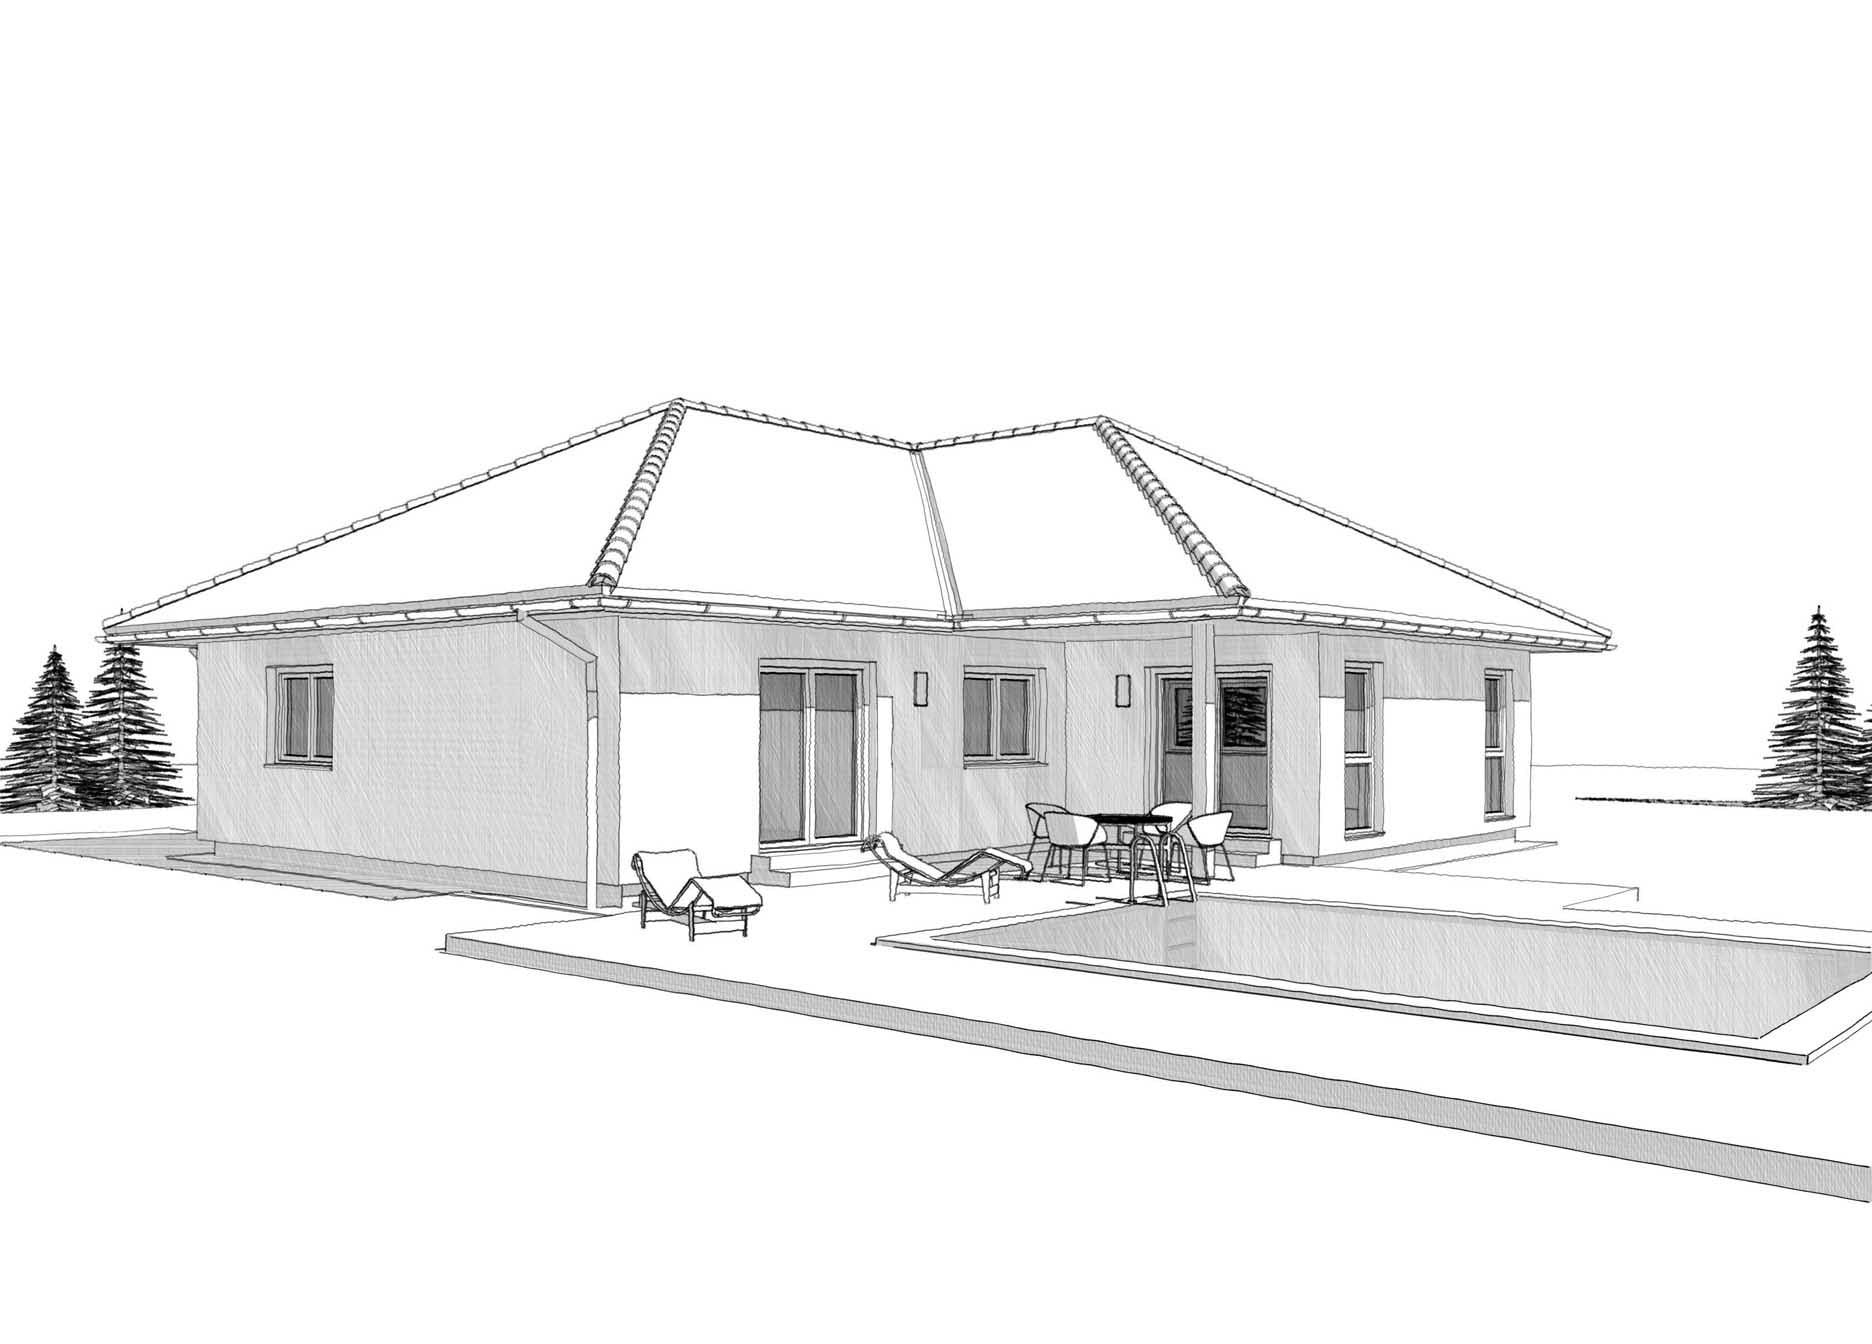 Winkelbungalow mit Walmdach bauen - Haus Design Ideen Skizze ELK Fertighaus Bungalow 132 Walmdach - HausbauDirekt.de